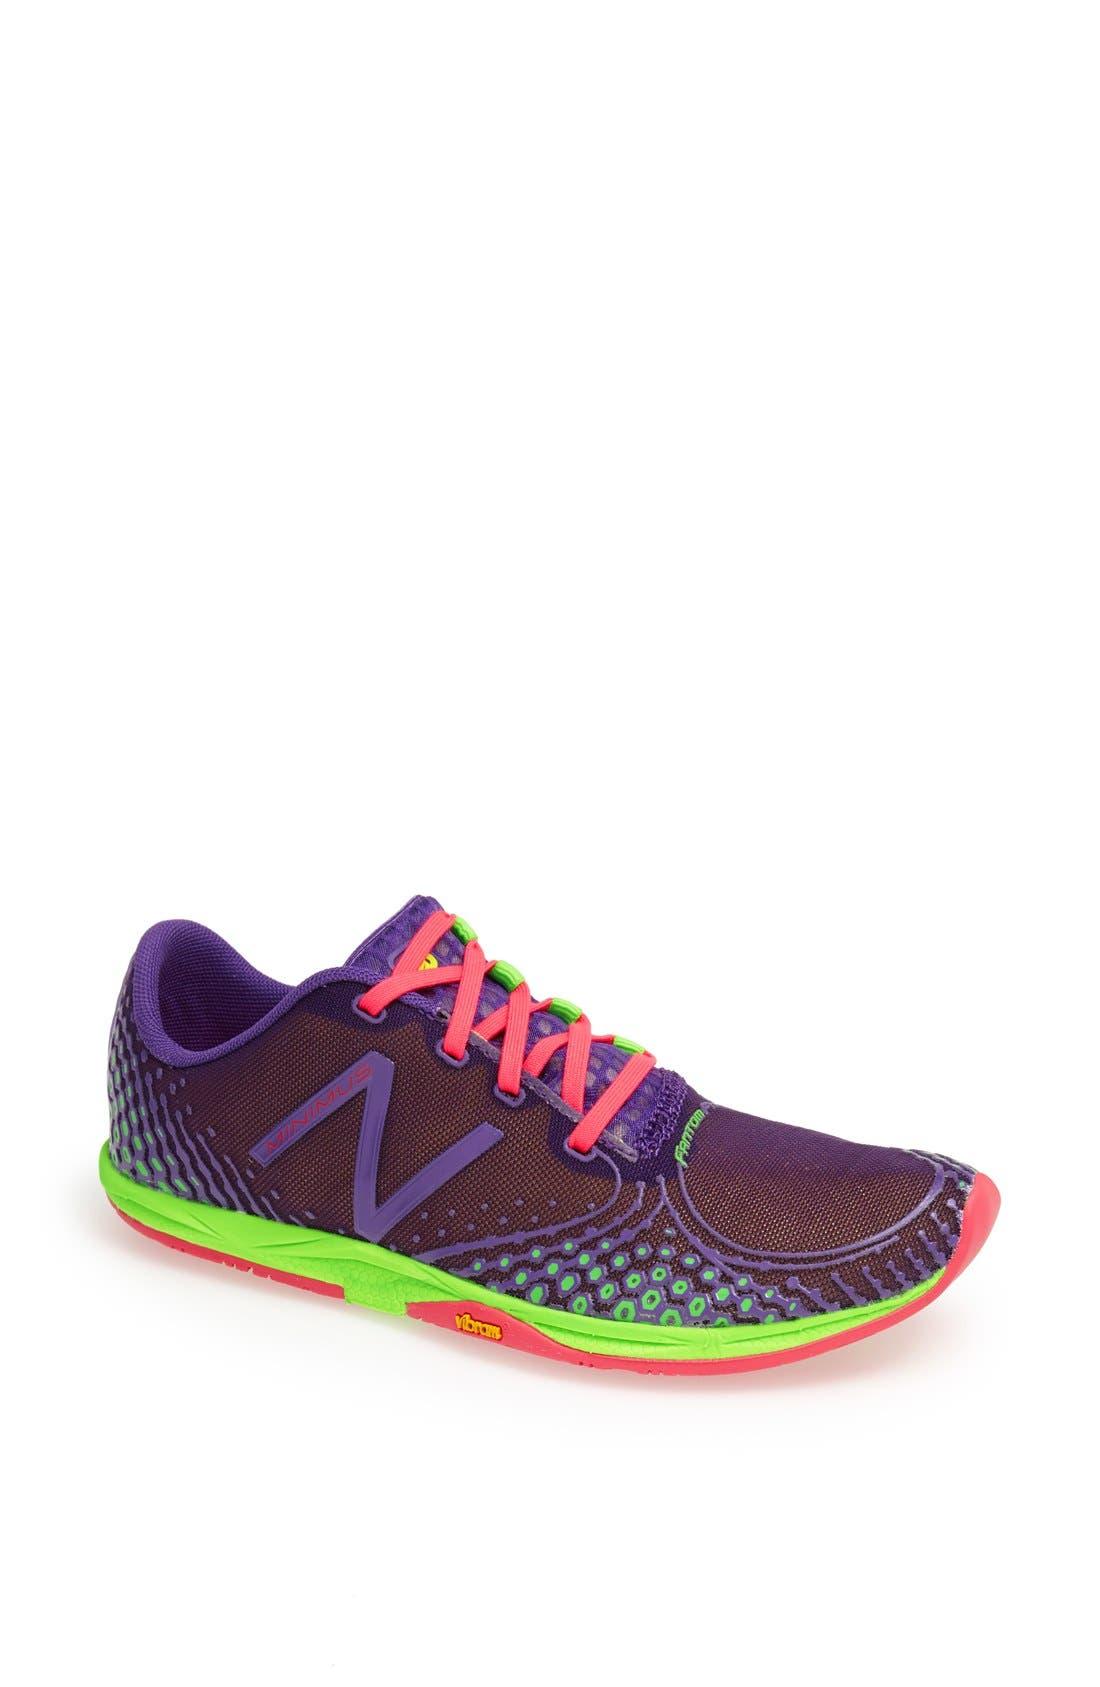 Main Image - New Balance 'Minimus Zero V2' Minimal Road Running Shoe (Women)